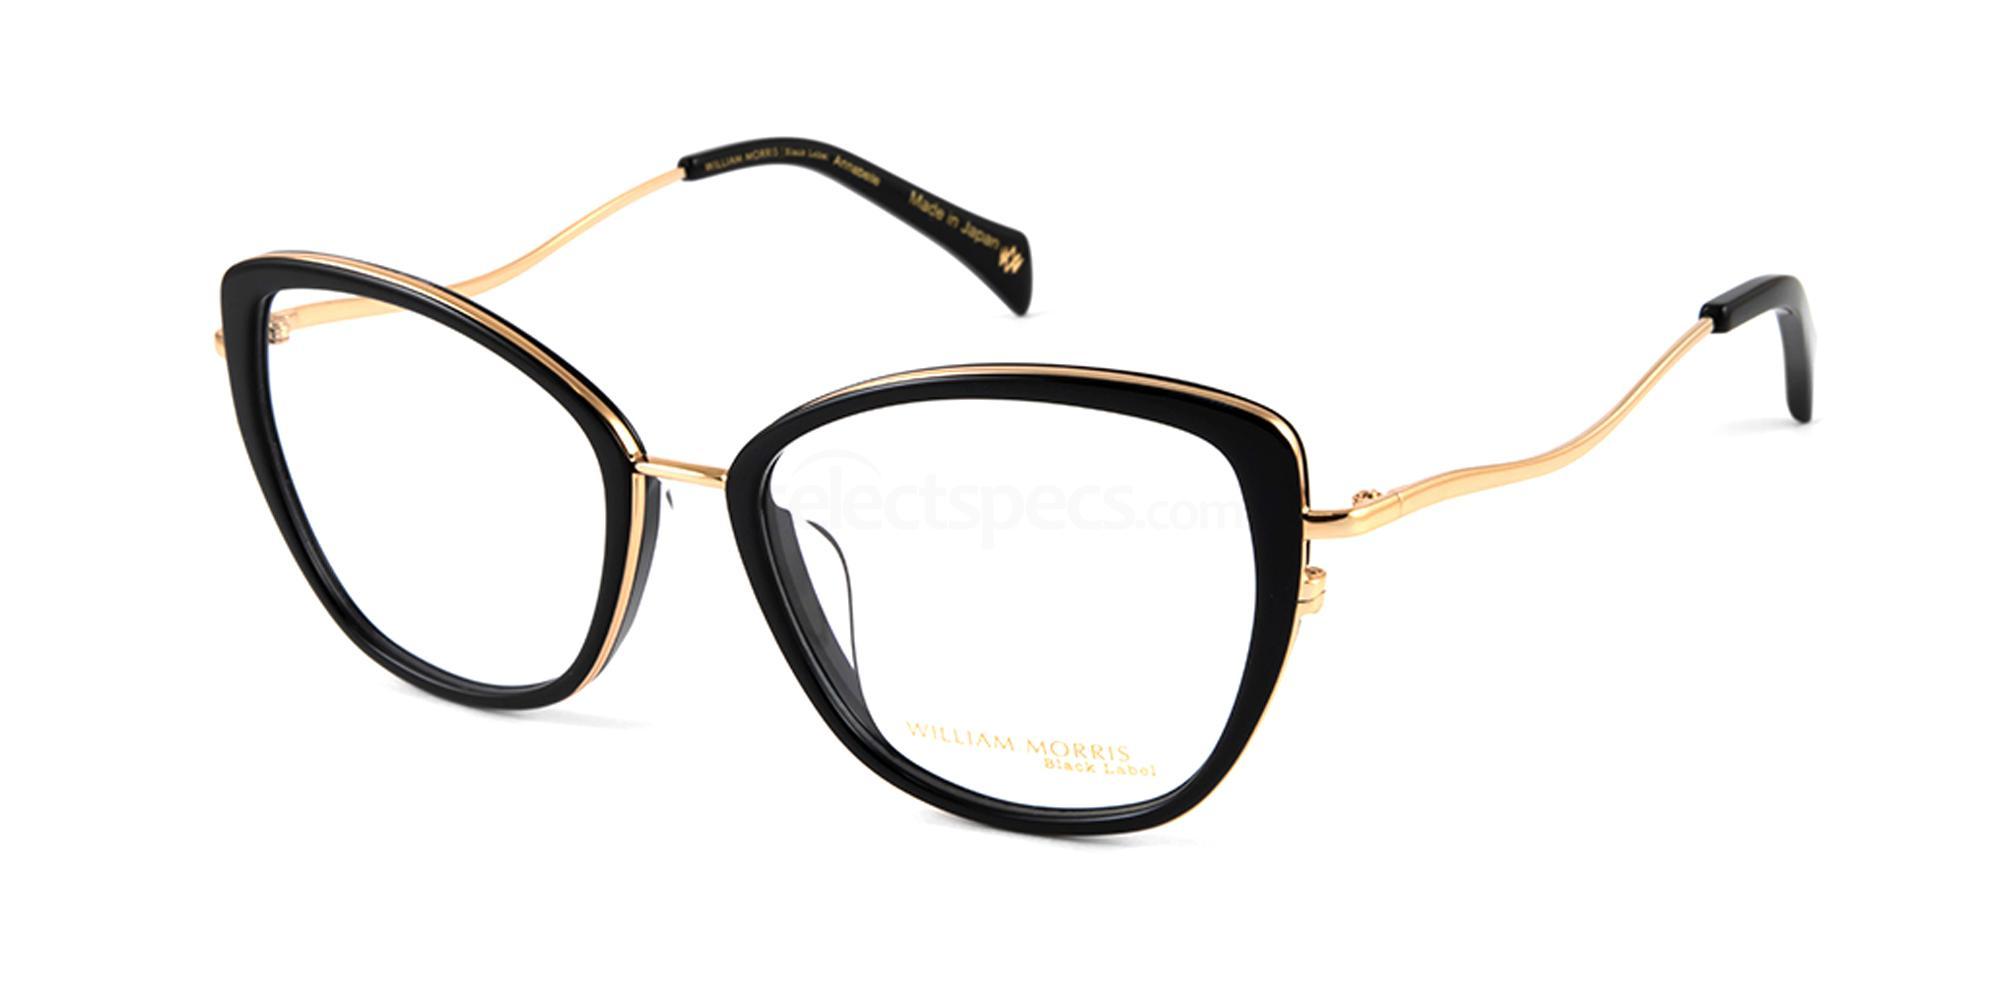 C1 BLANNABELLE Glasses, William Morris Black Label